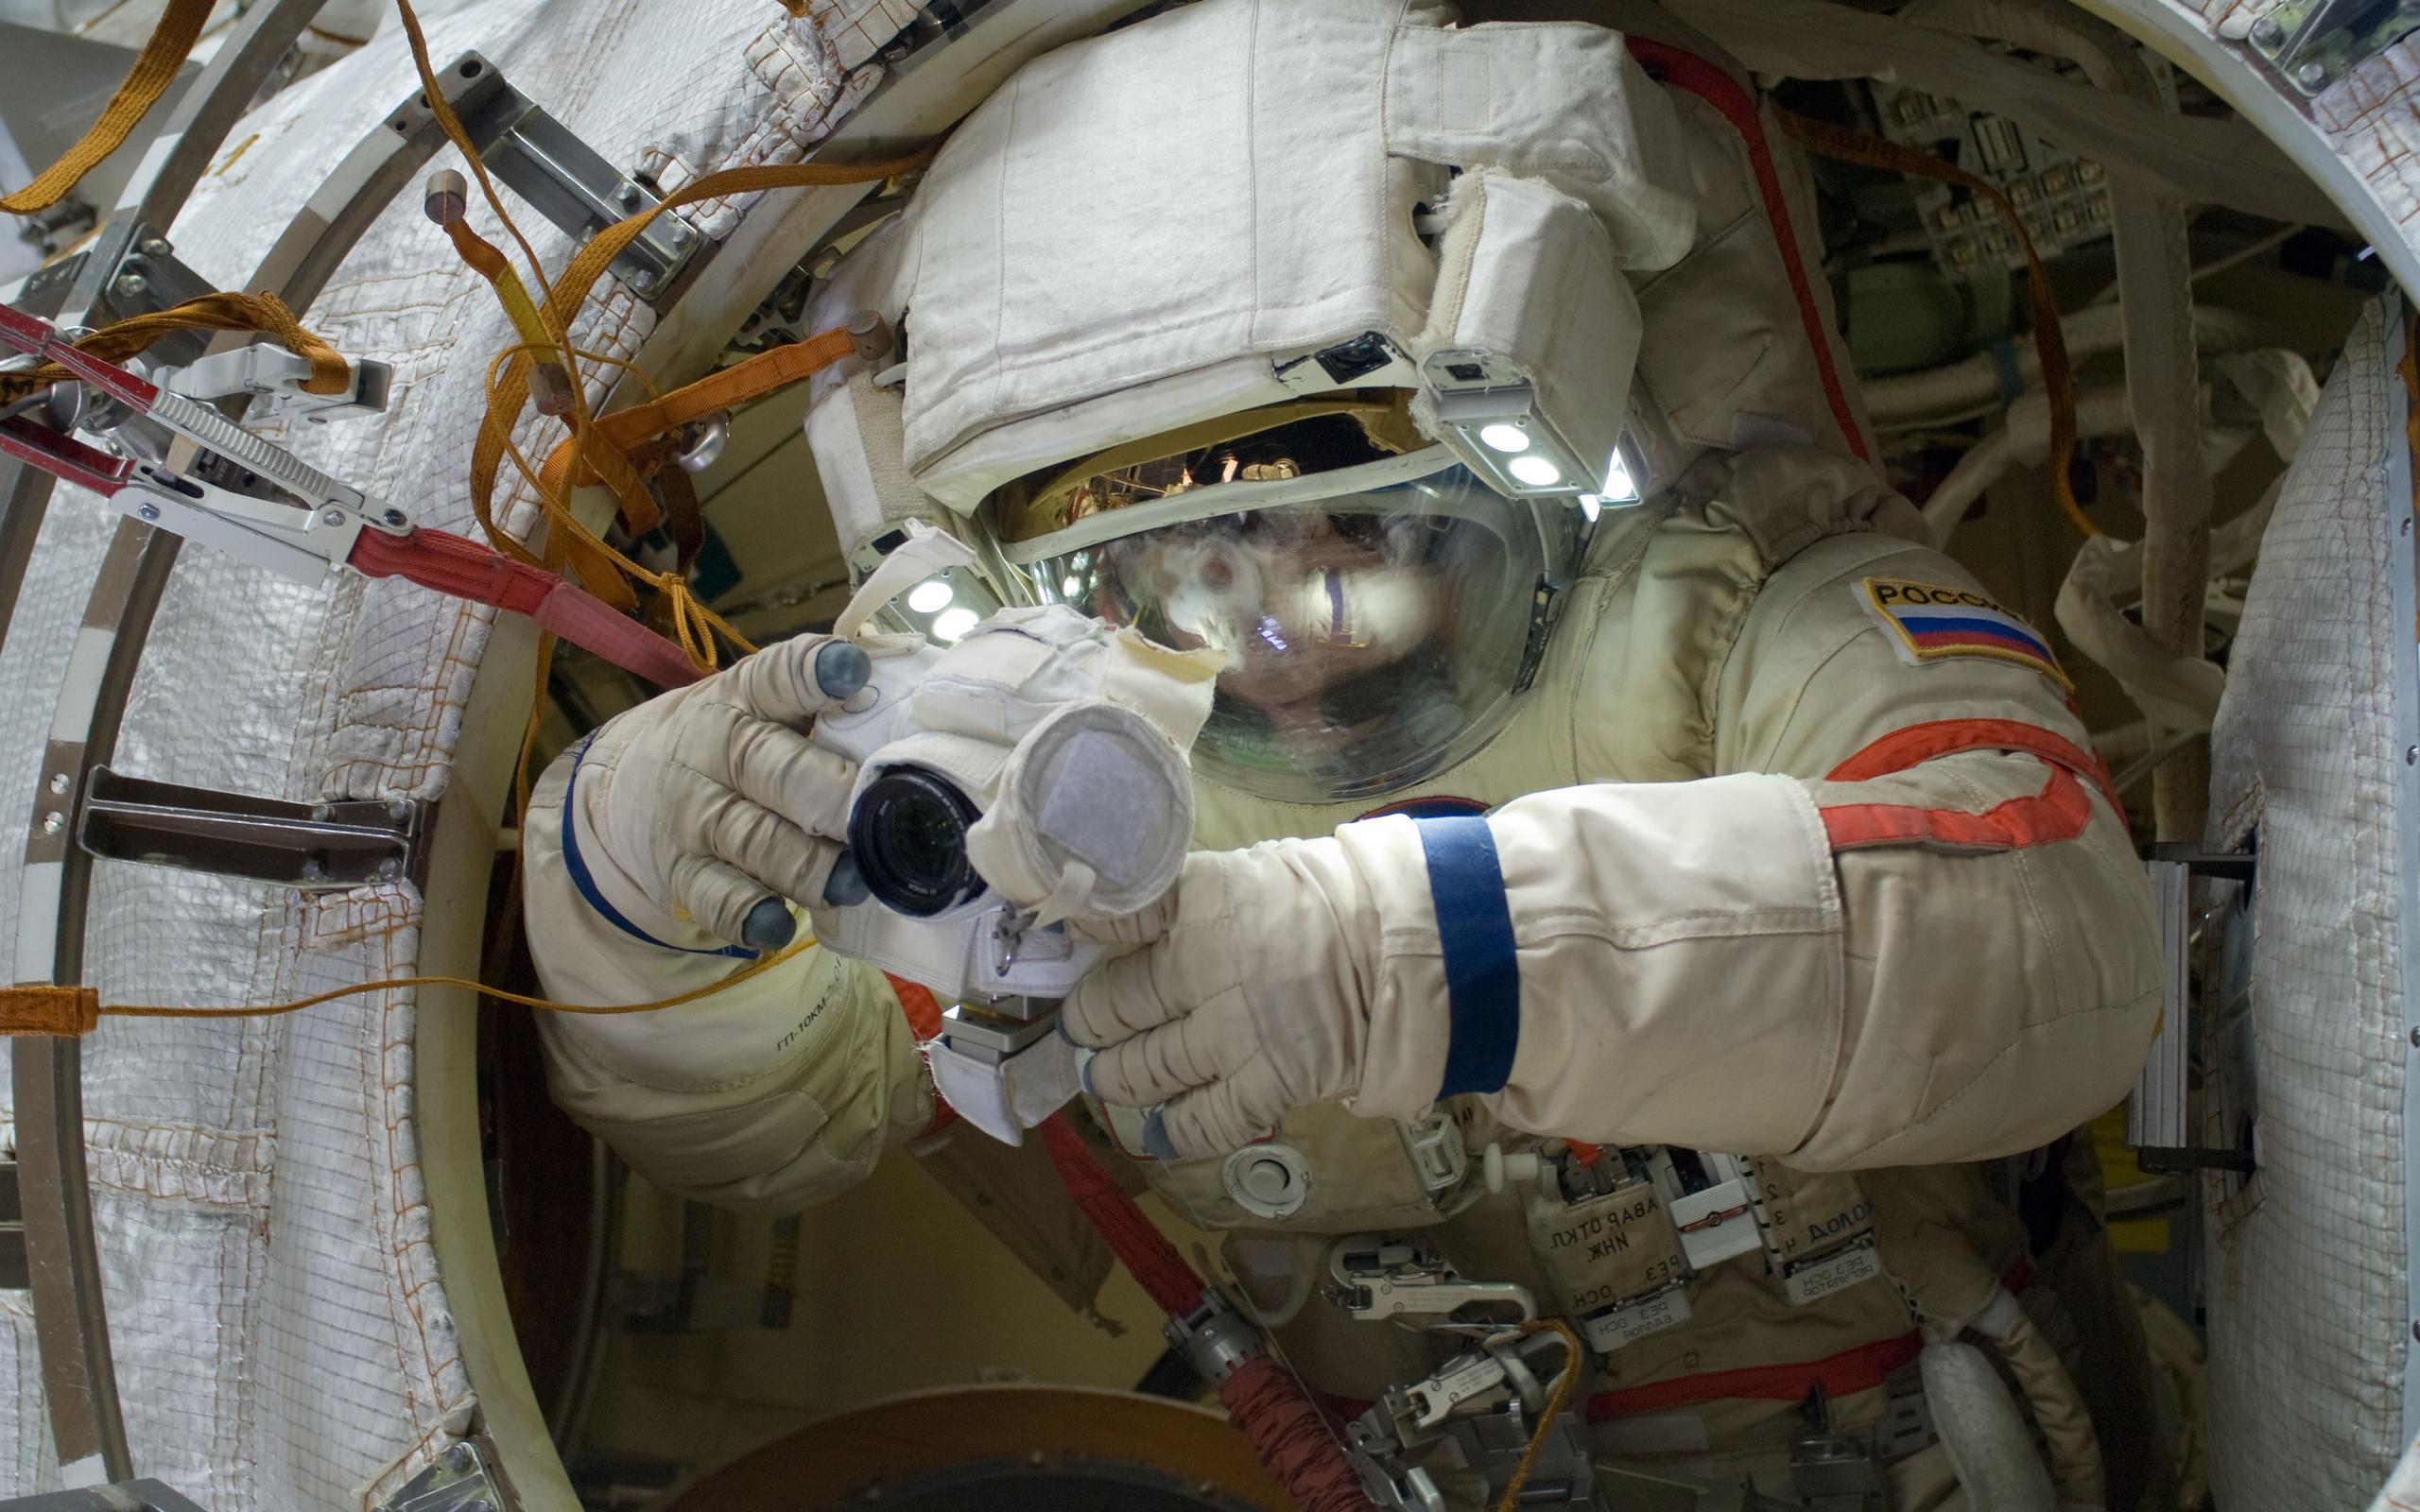 станция, космонавт, скафандр